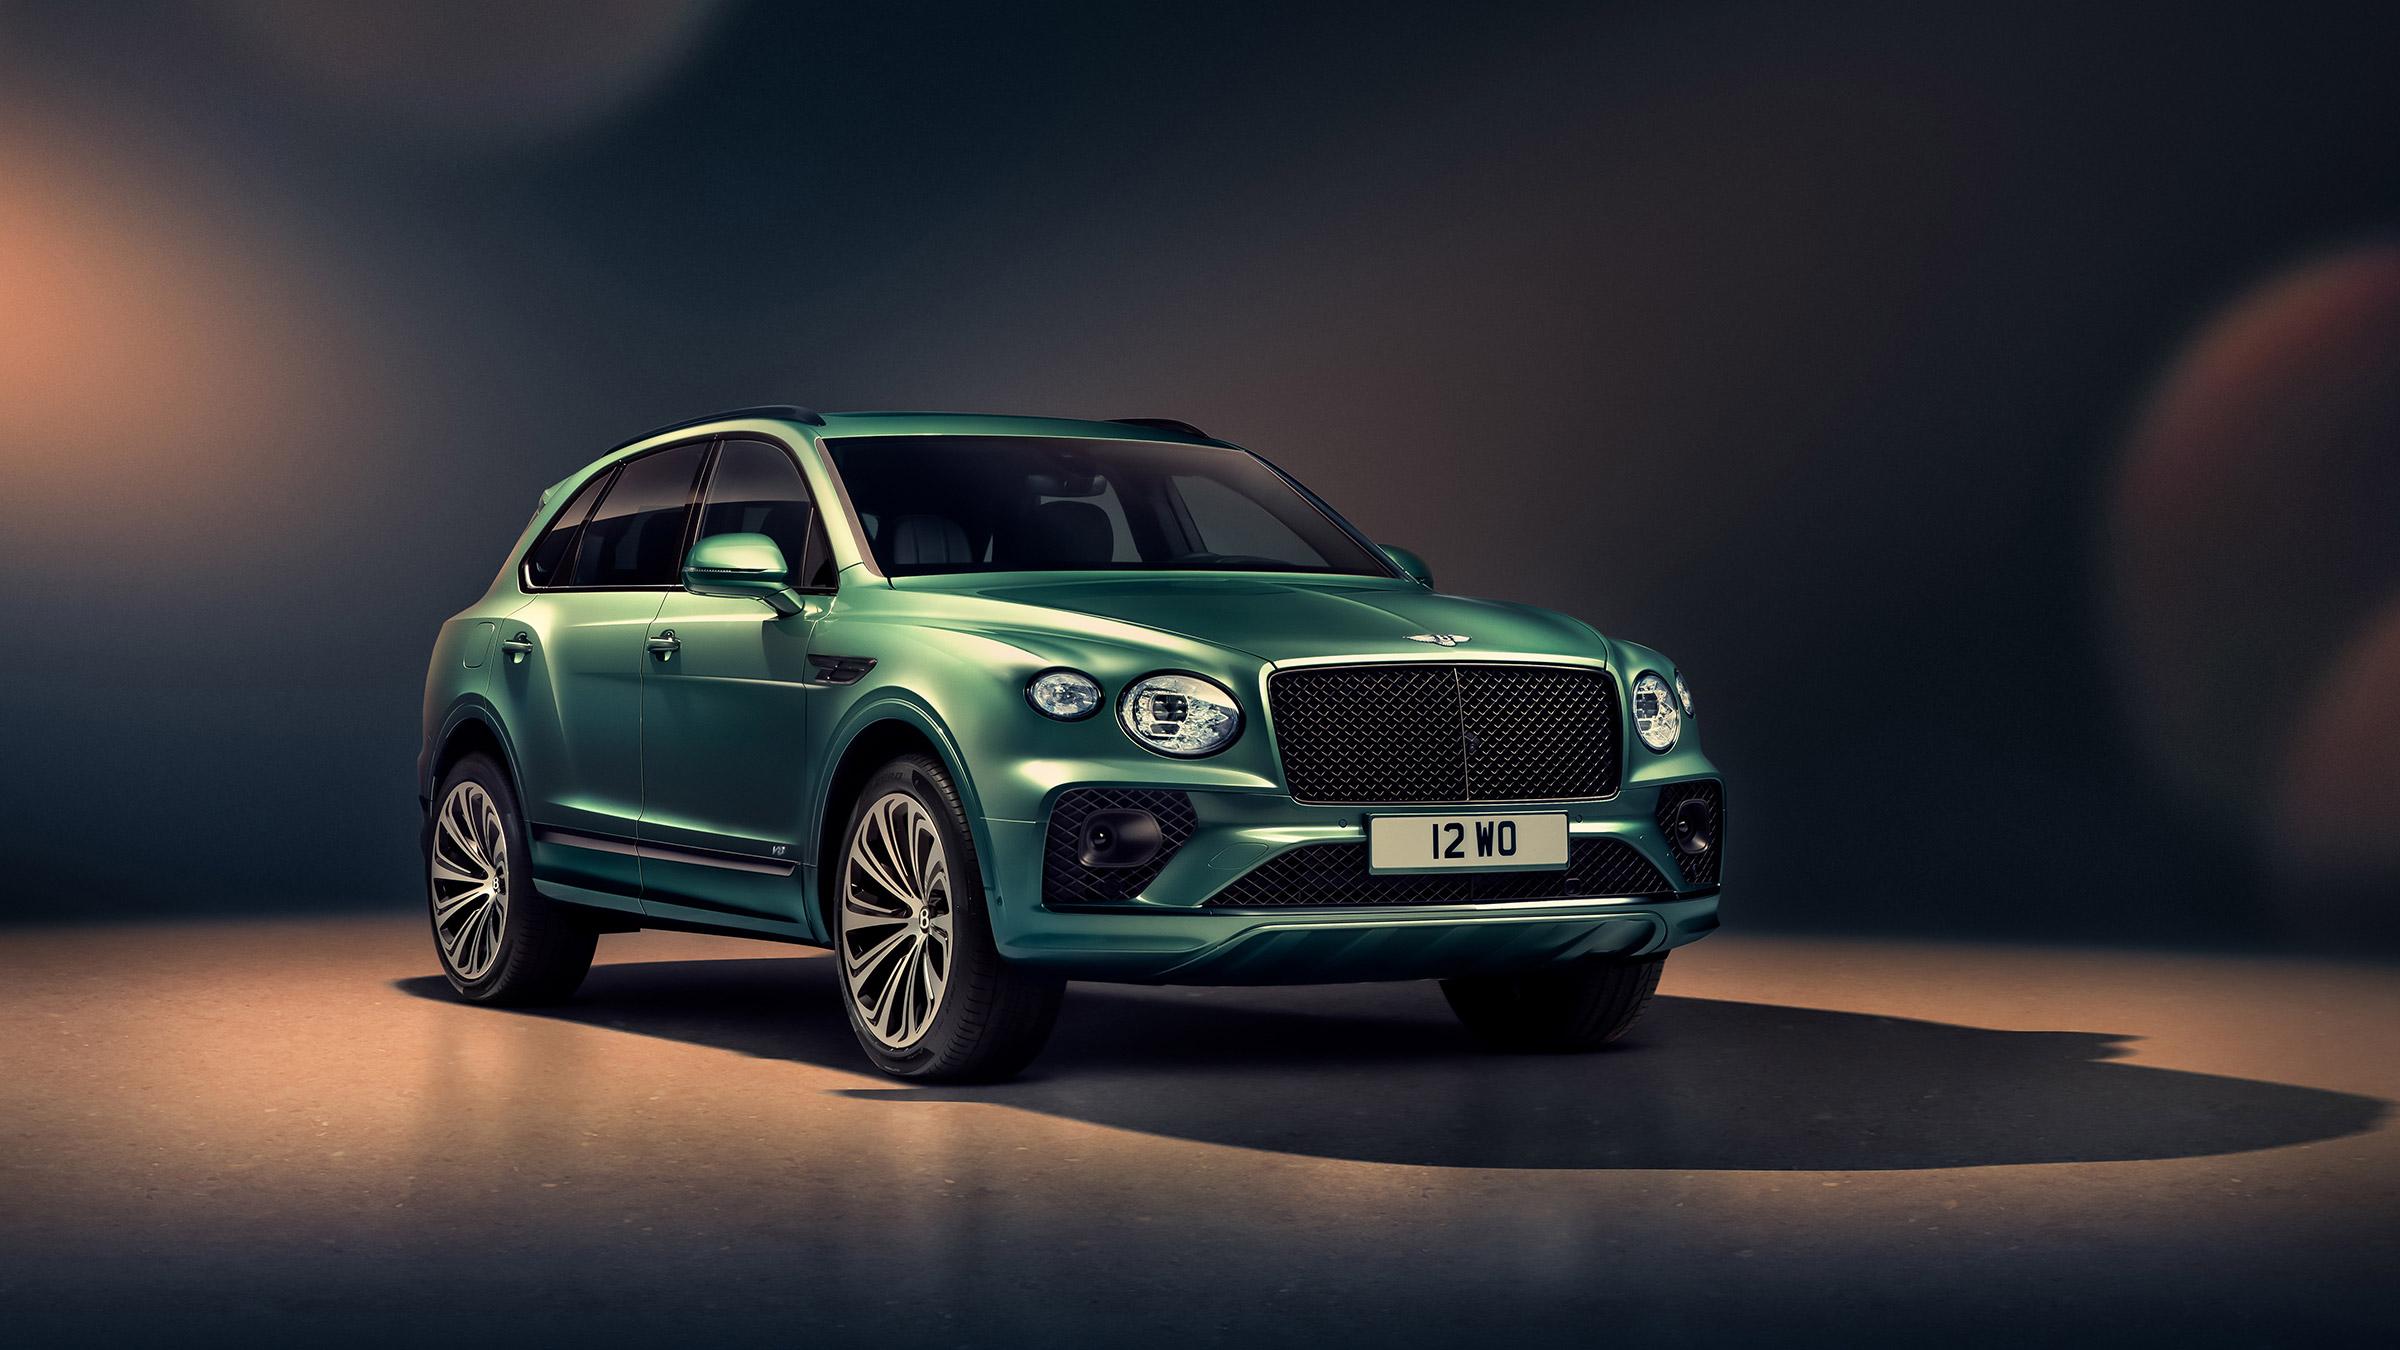 2020 Bentley Bentayga revealed